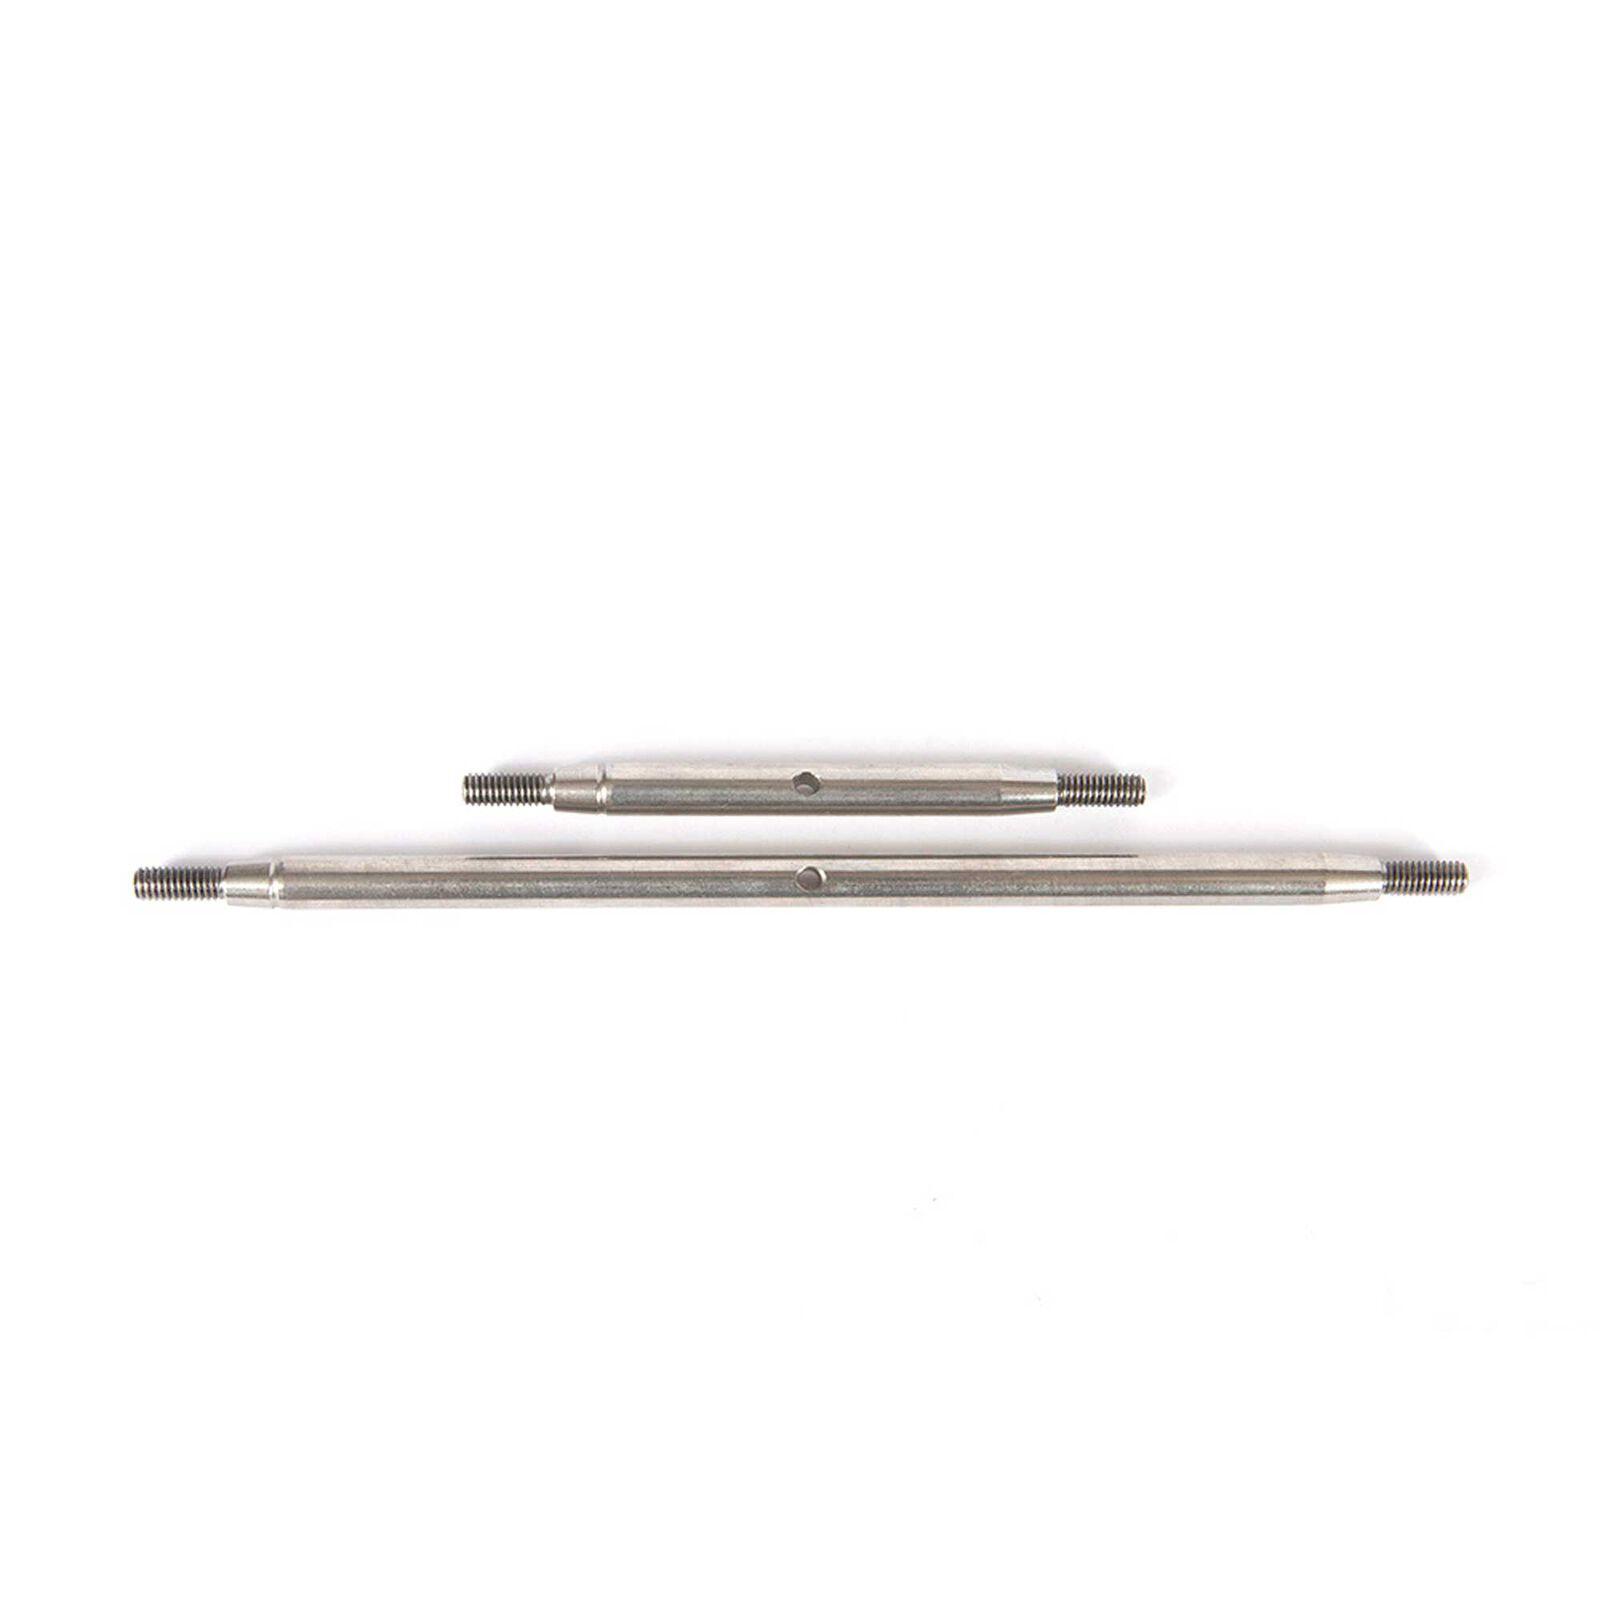 Steering Links, Stainless Steel: Capra 1.9 UTB